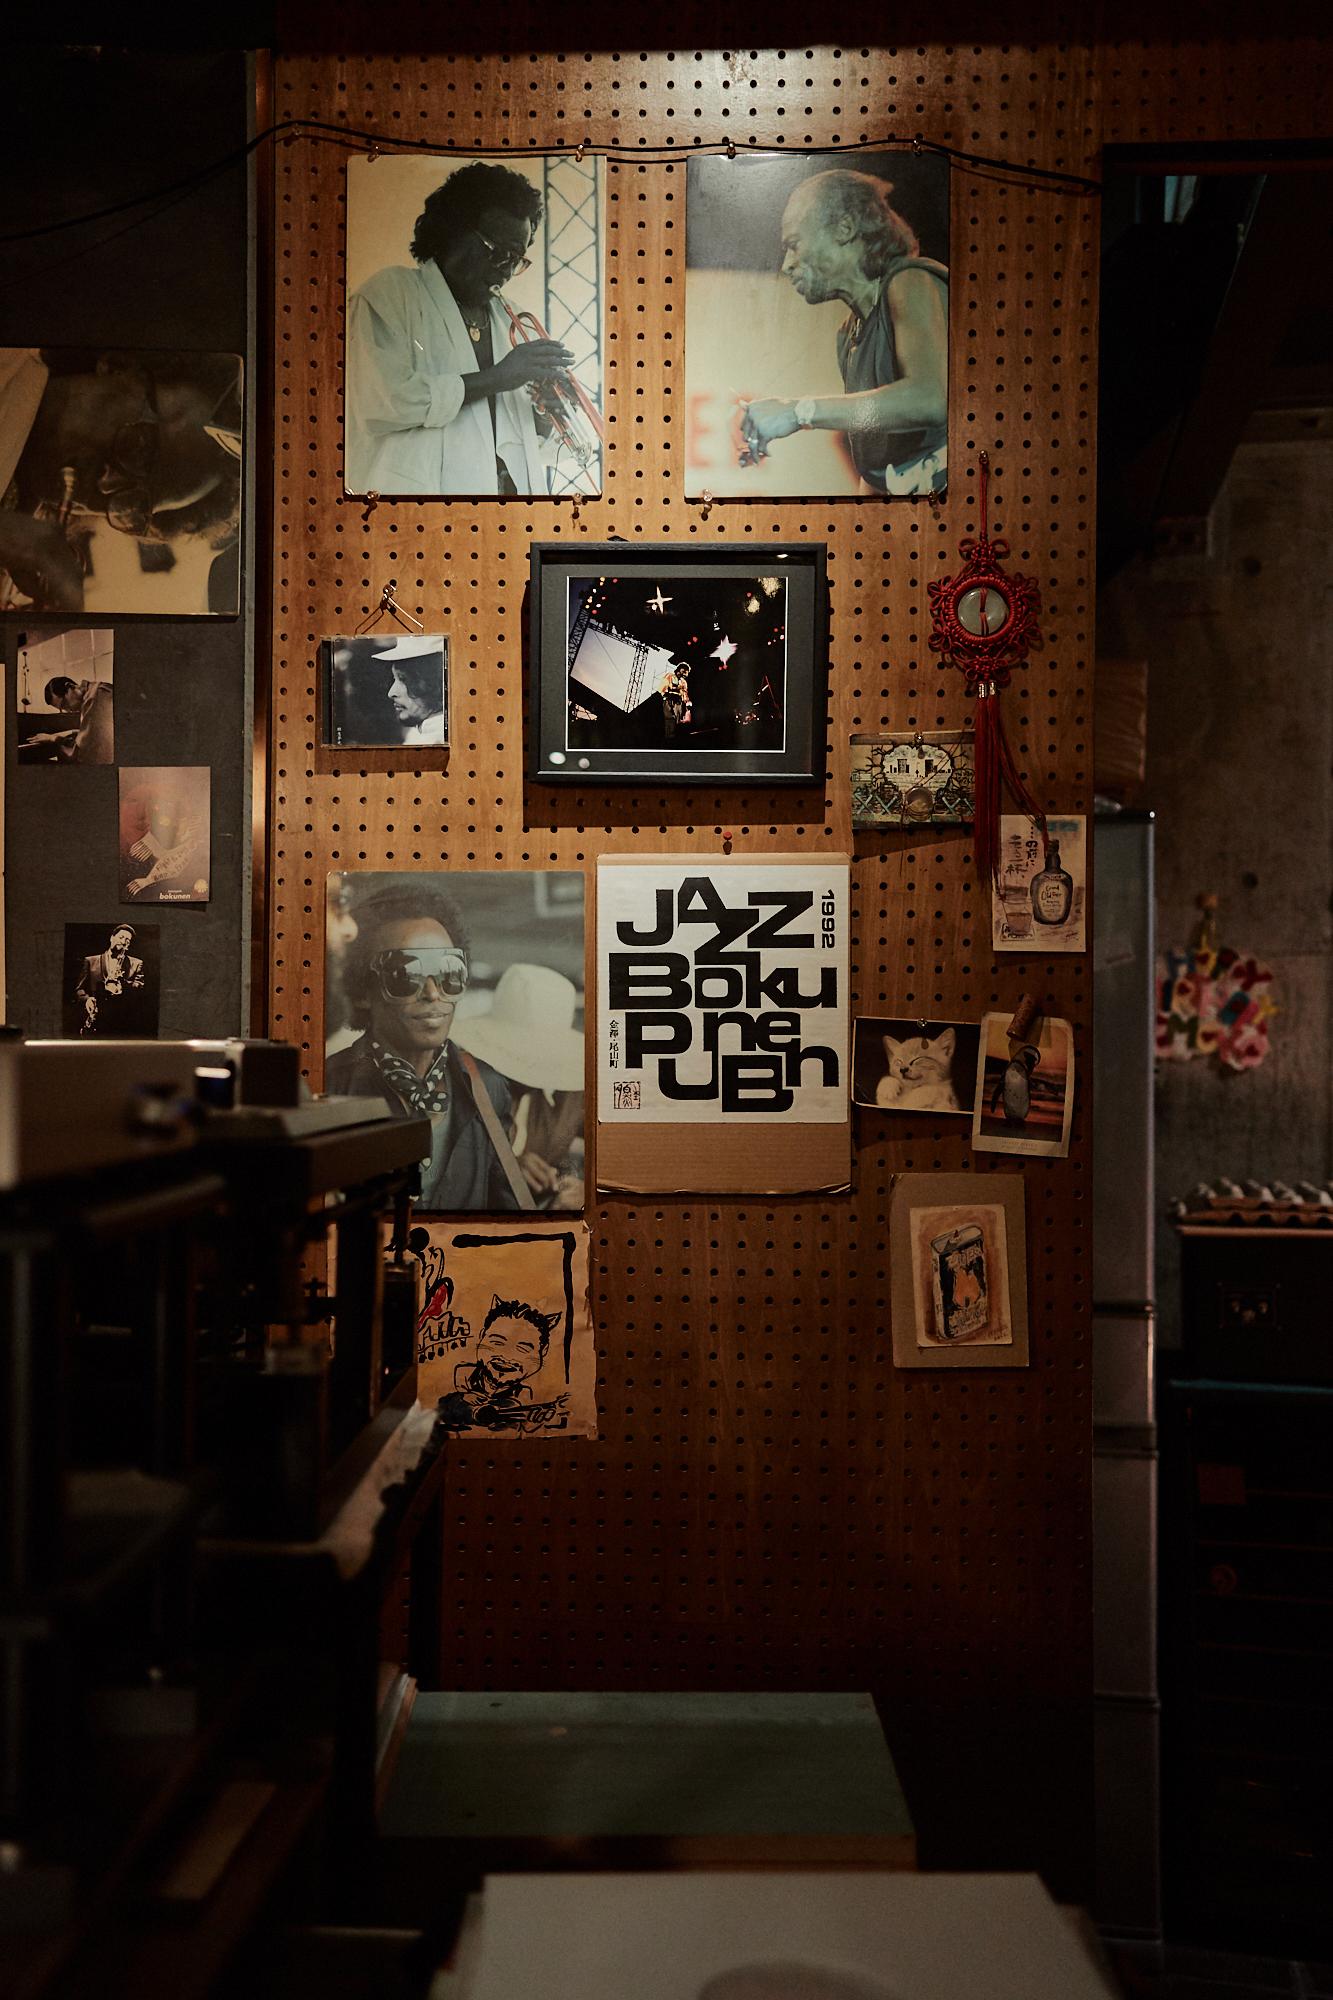 Bokunen, Jazz bar, Kanazawa